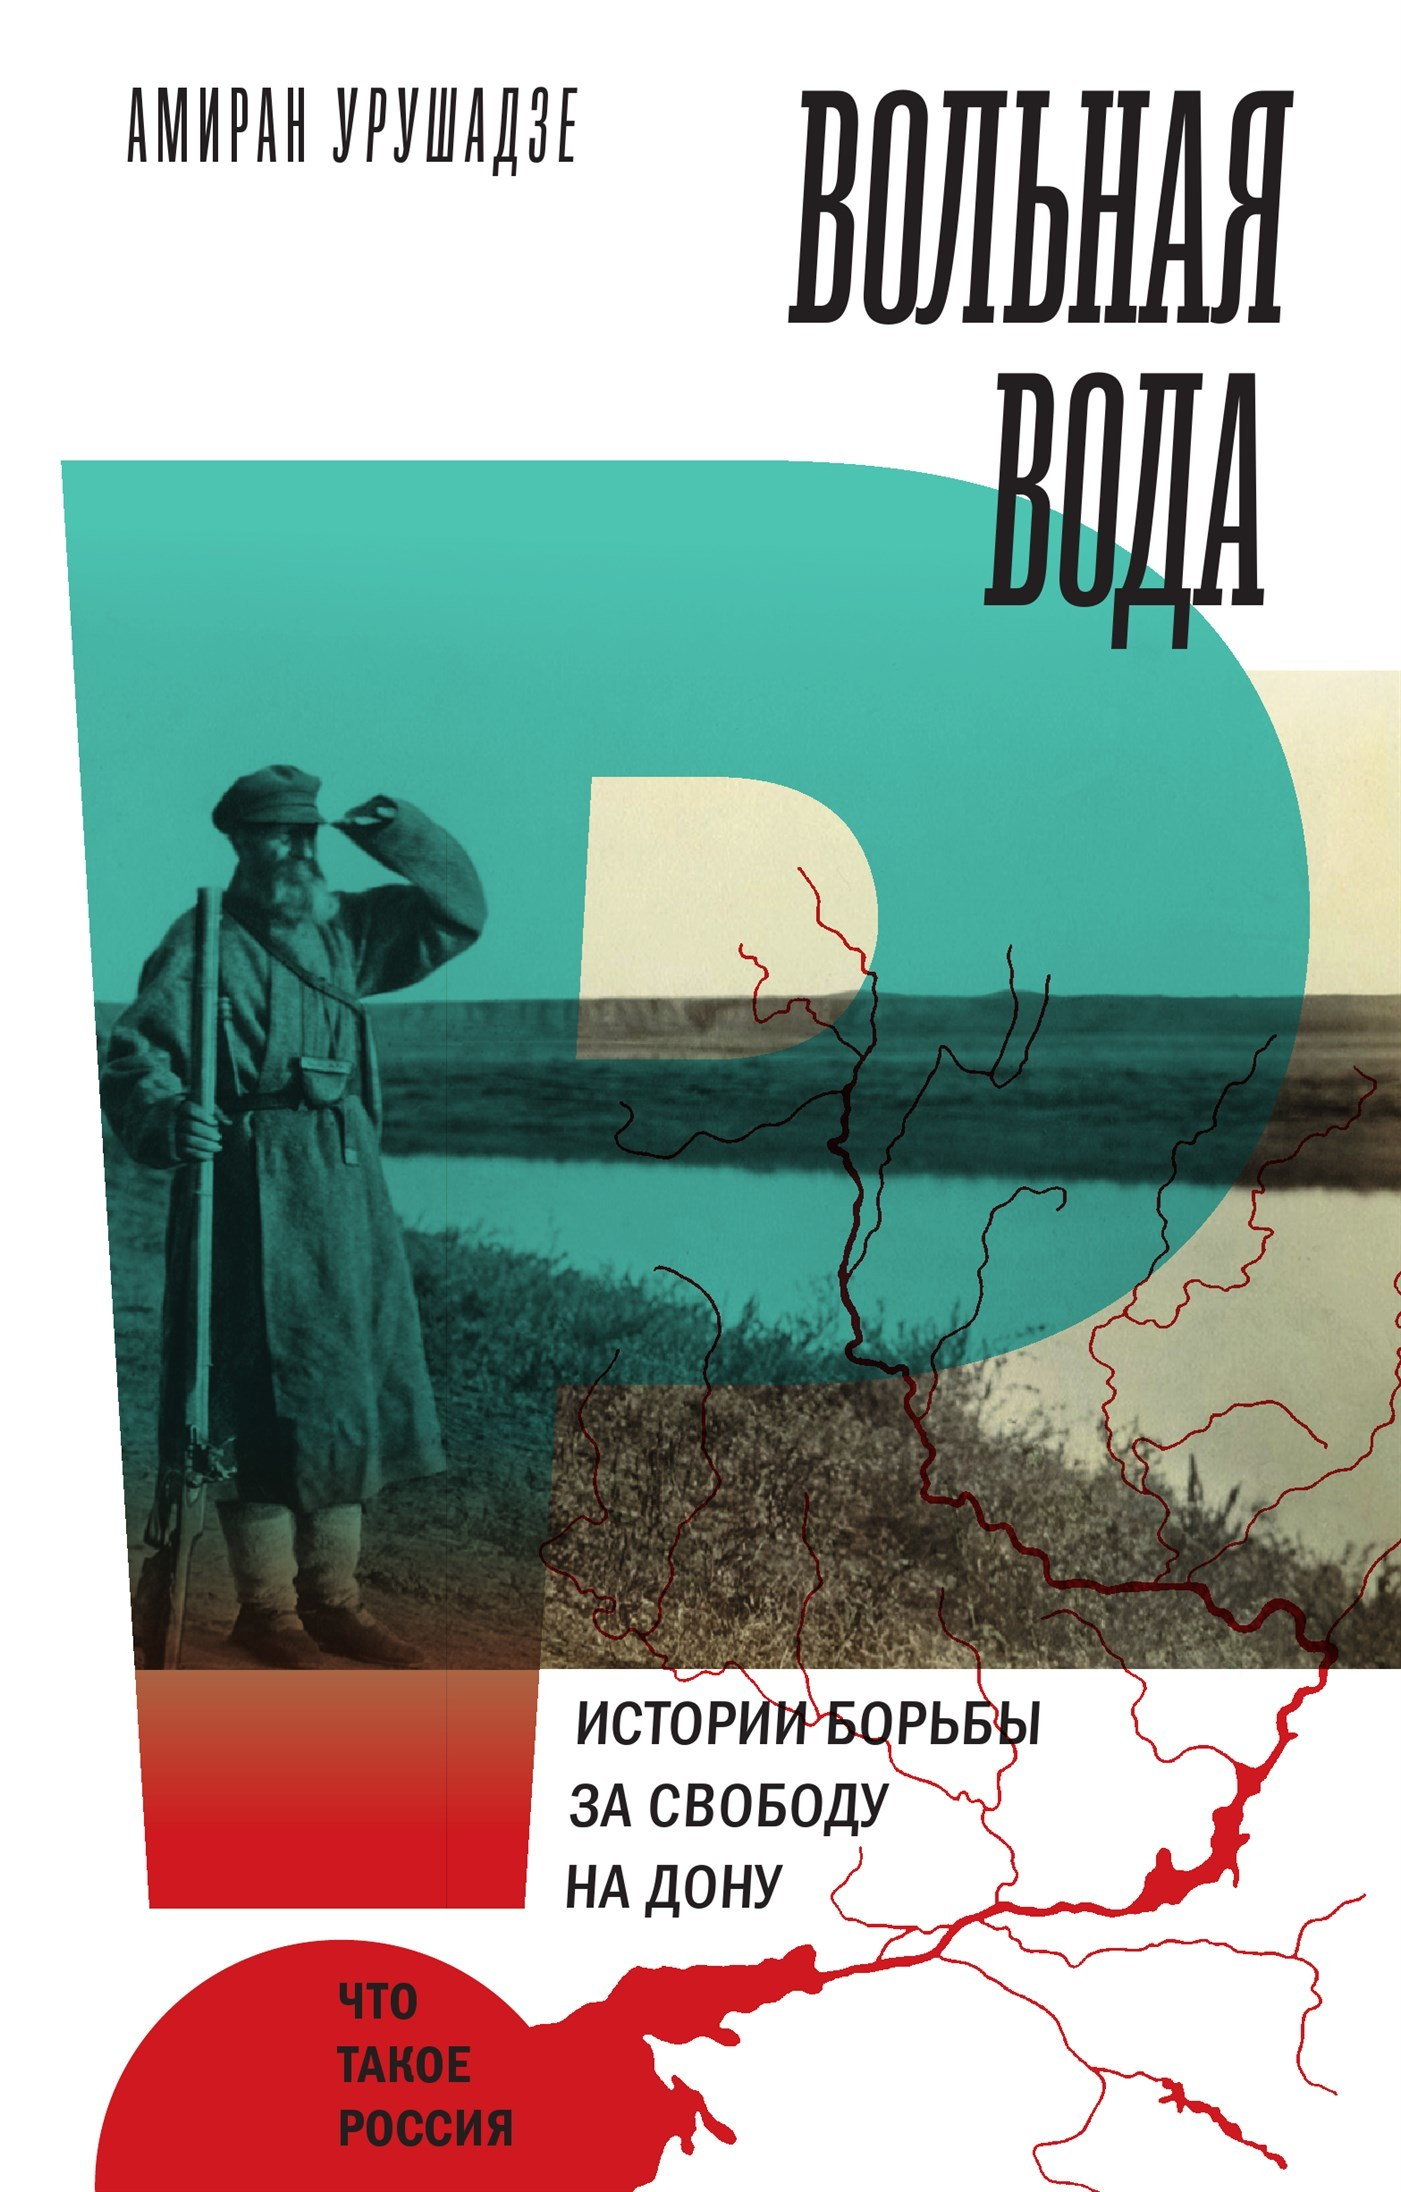 Вольная вода. Истории борьбы за свободу на Дону